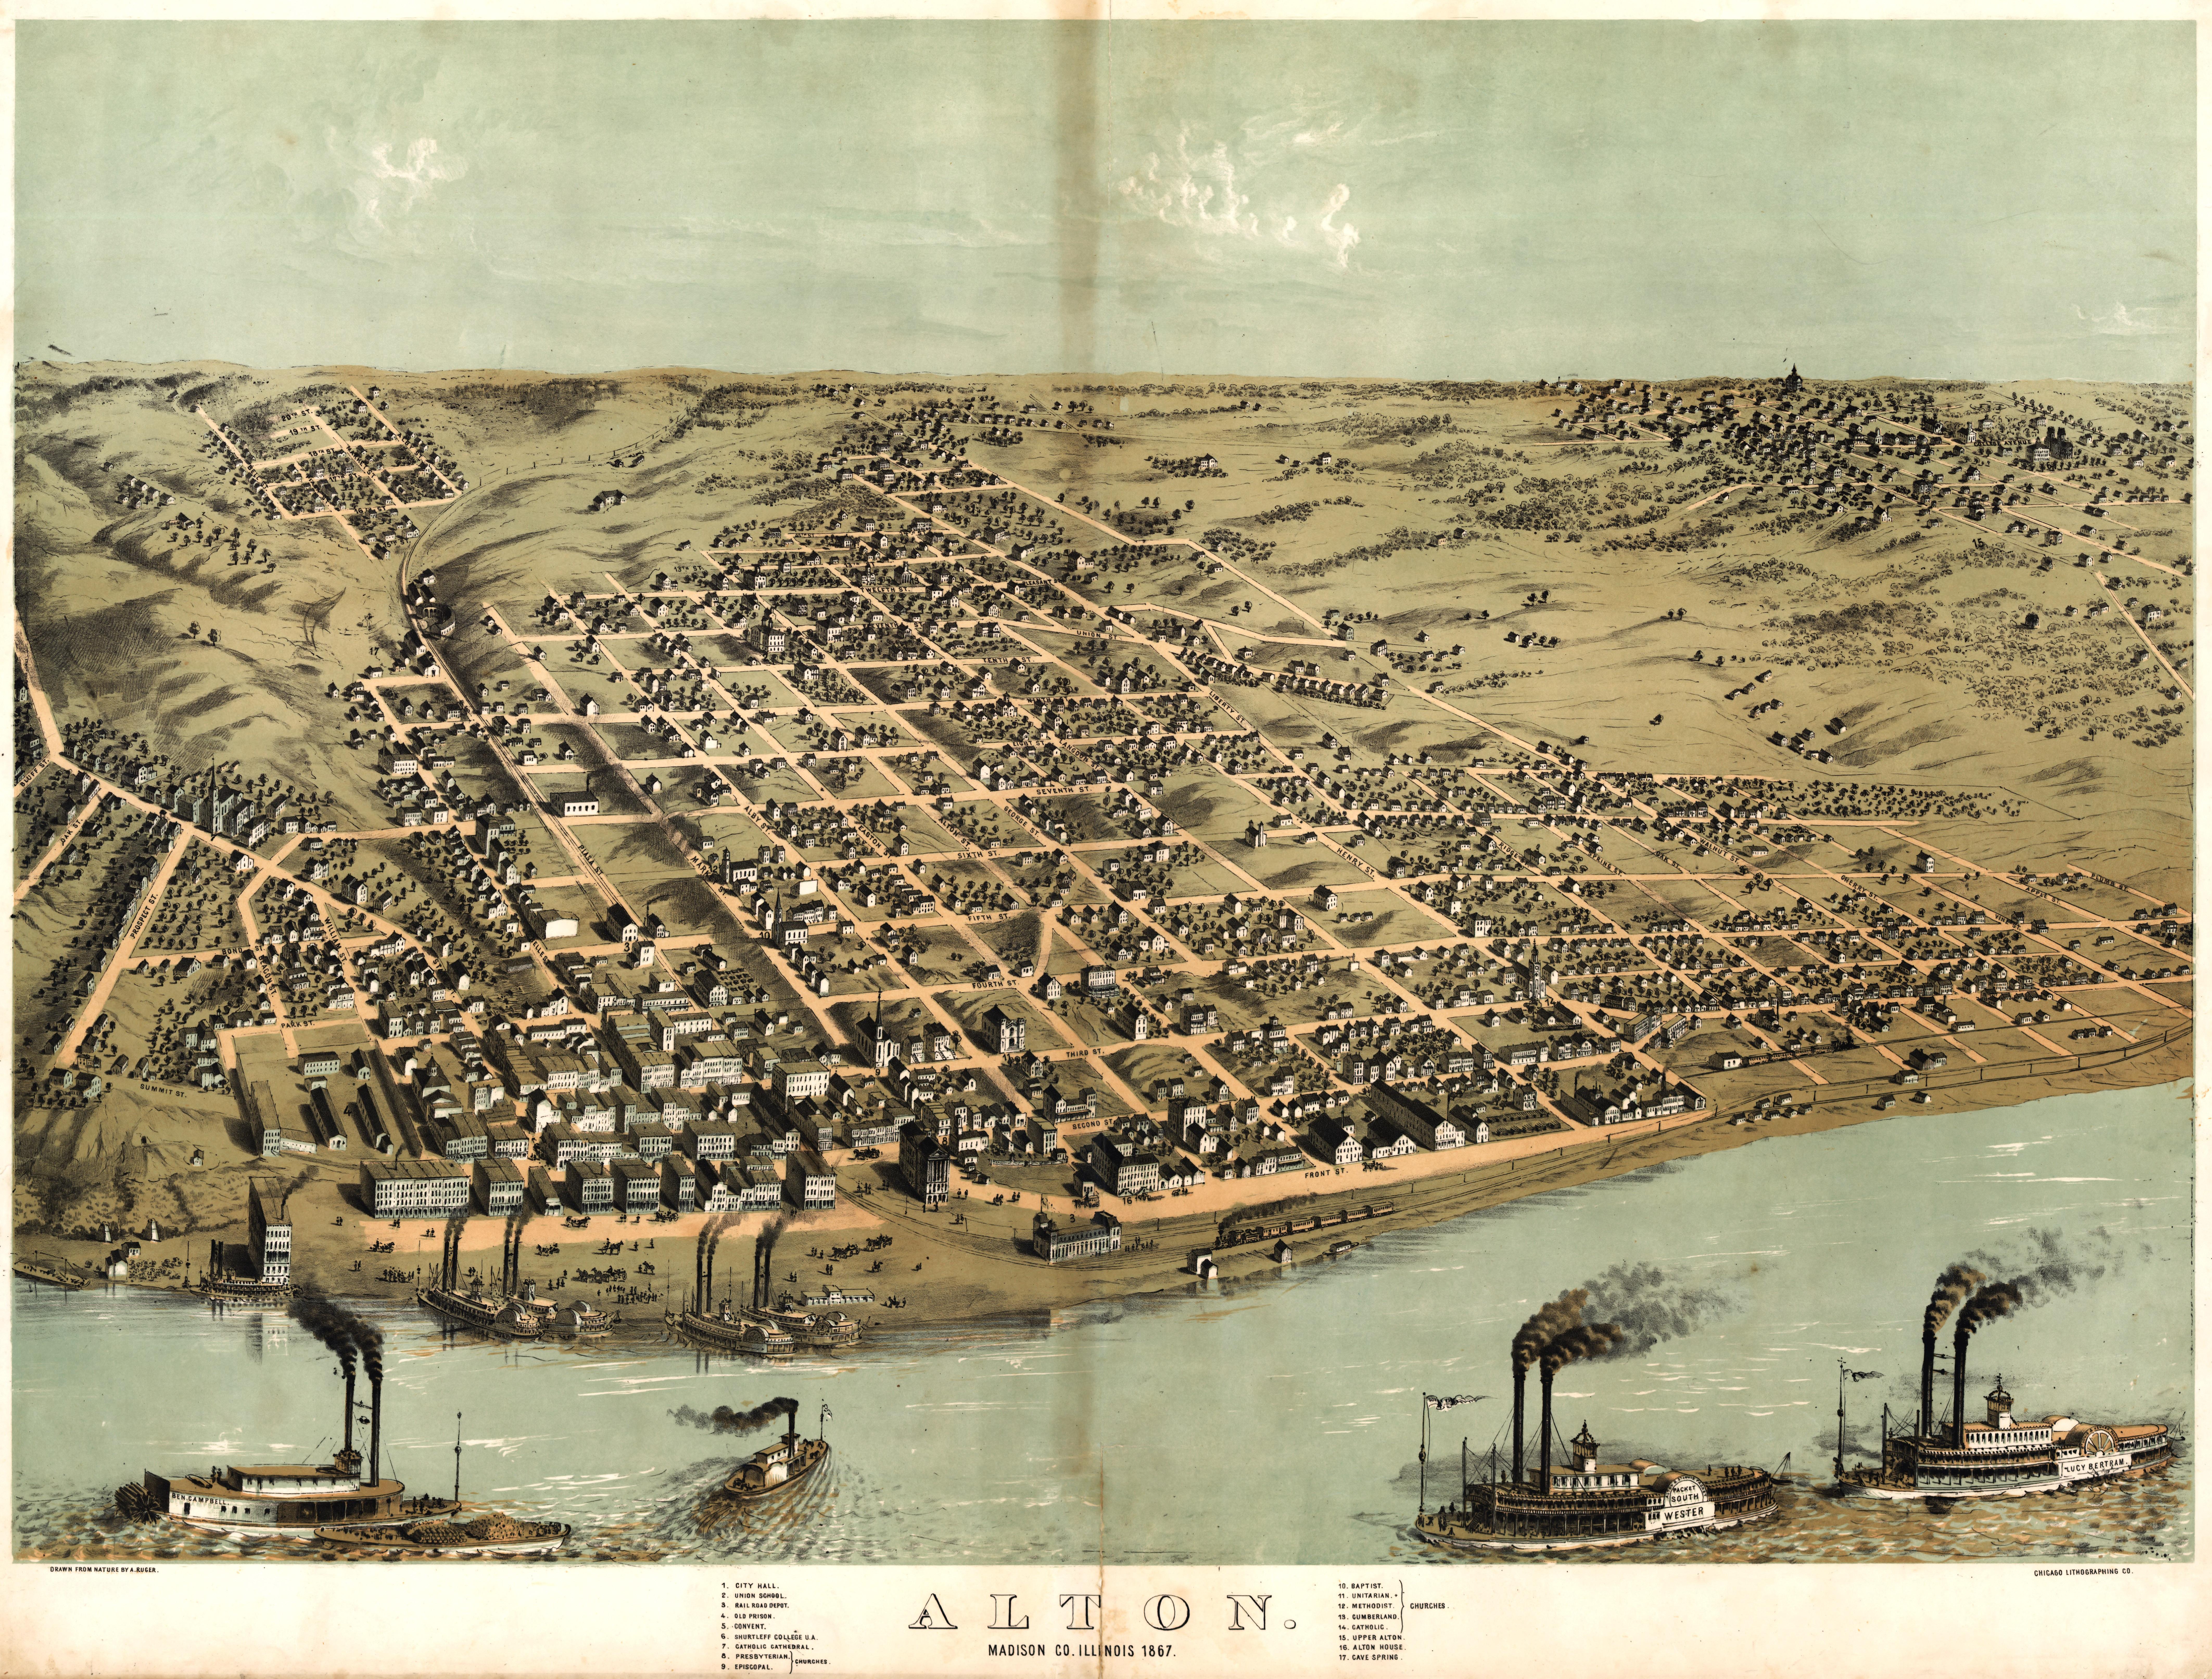 Alton Kansas Map.Ruger S Map Of Alton Illinois 1867